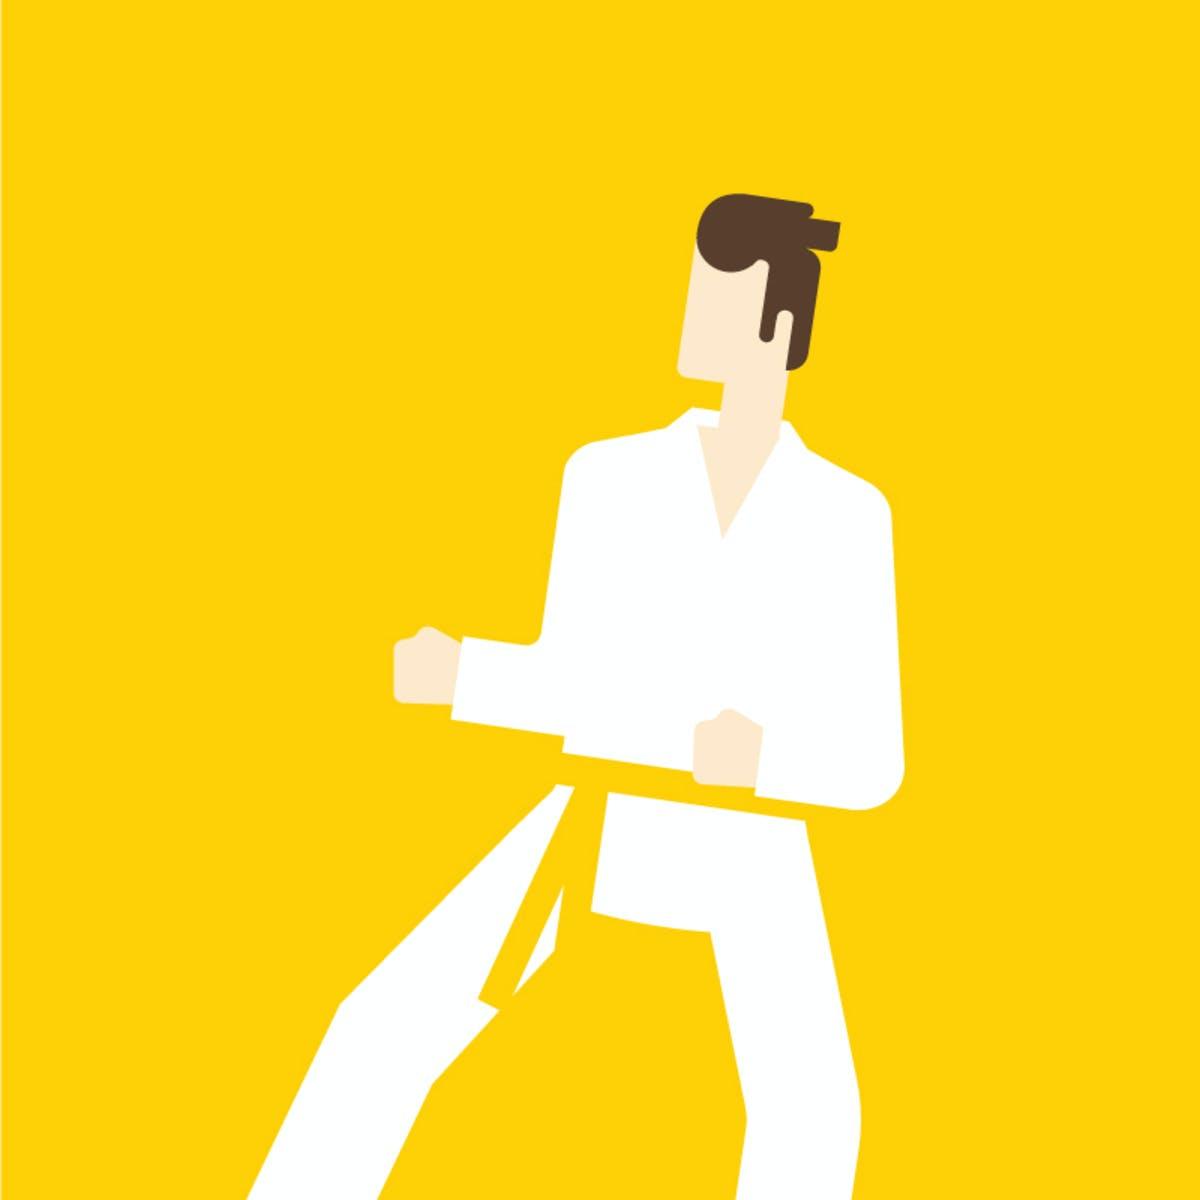 Основы разработки на C++: жёлтый пояс